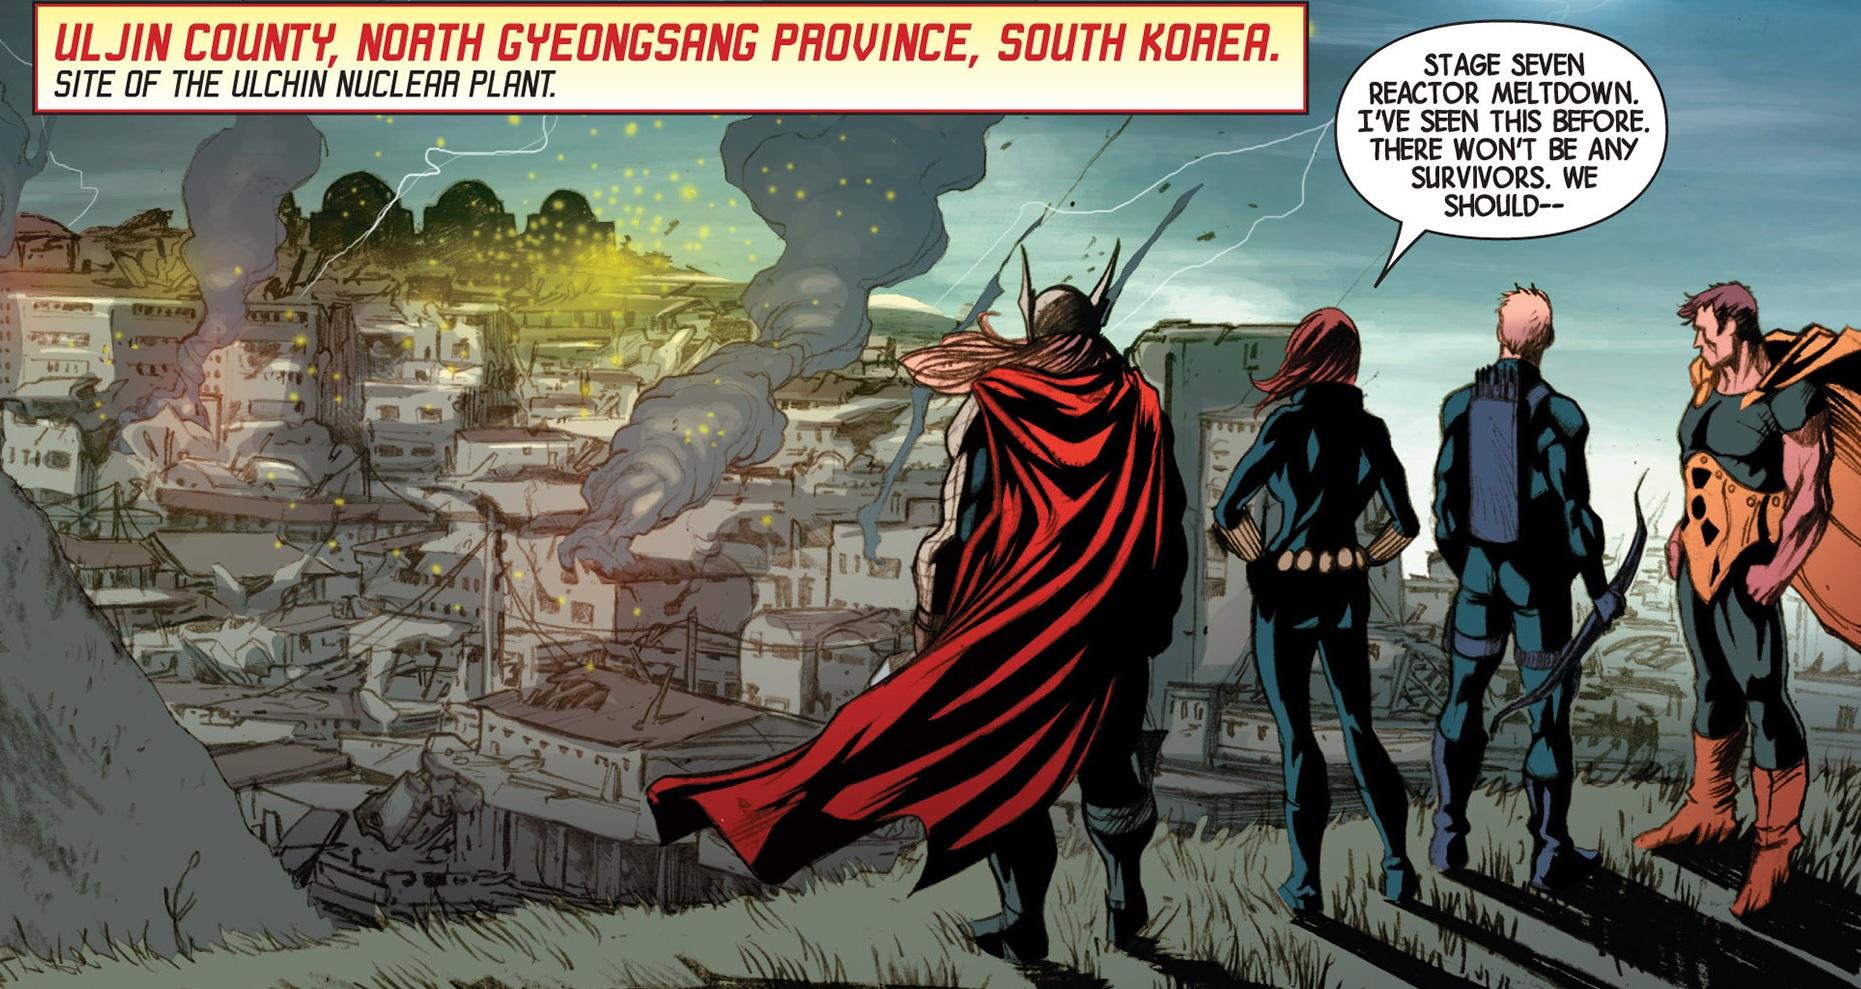 North Gyeongsang Province